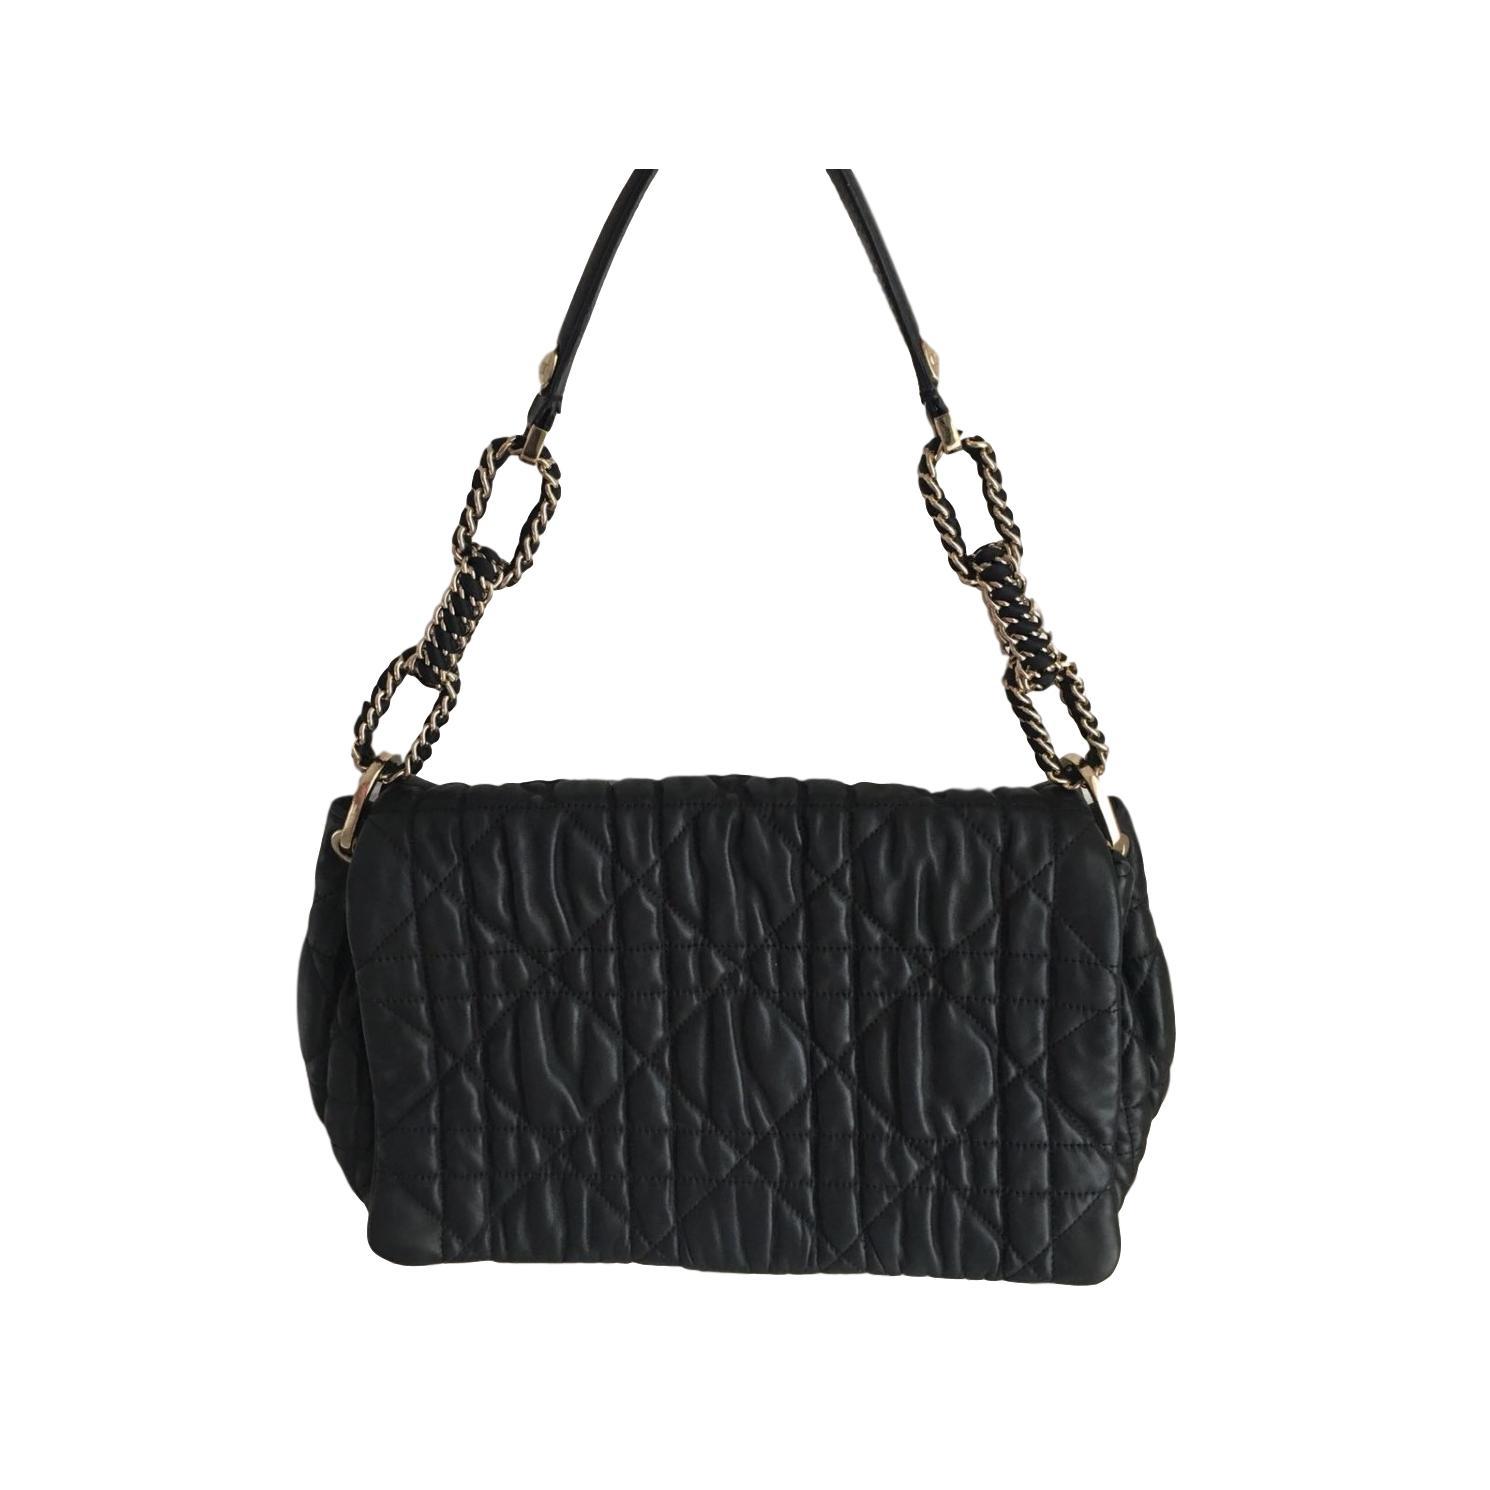 d88d194c57dc Купить деловую сумку Christian Dior за 39180 руб. в интернет ...